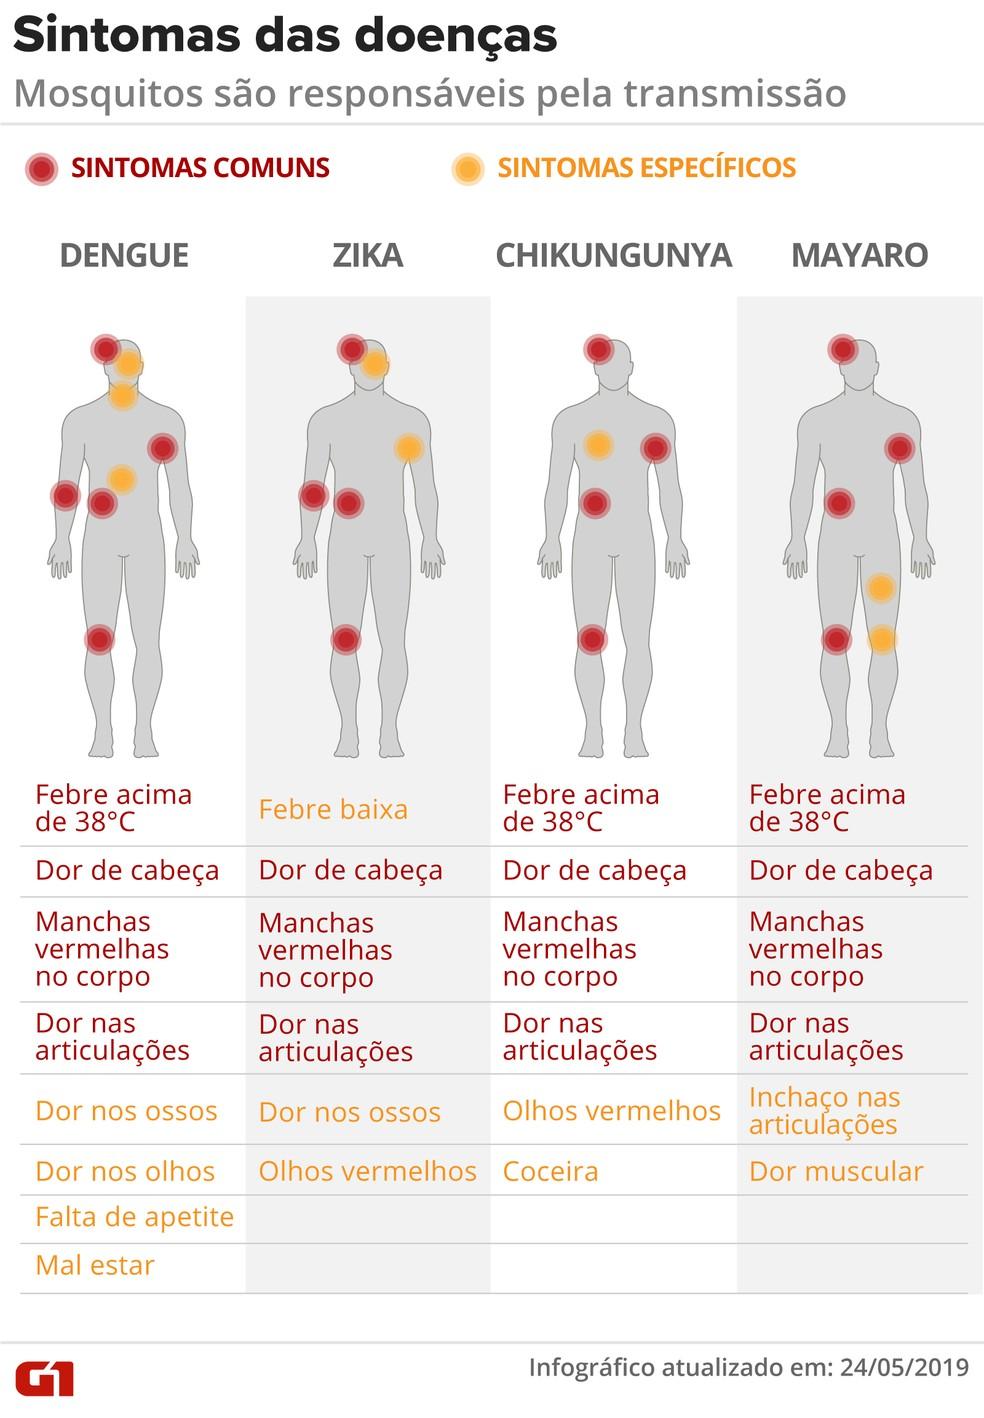 Sintomas de doenças transmitidas por mosquitos — Foto: Rodrigo Sanches e Diana Yukari/G1